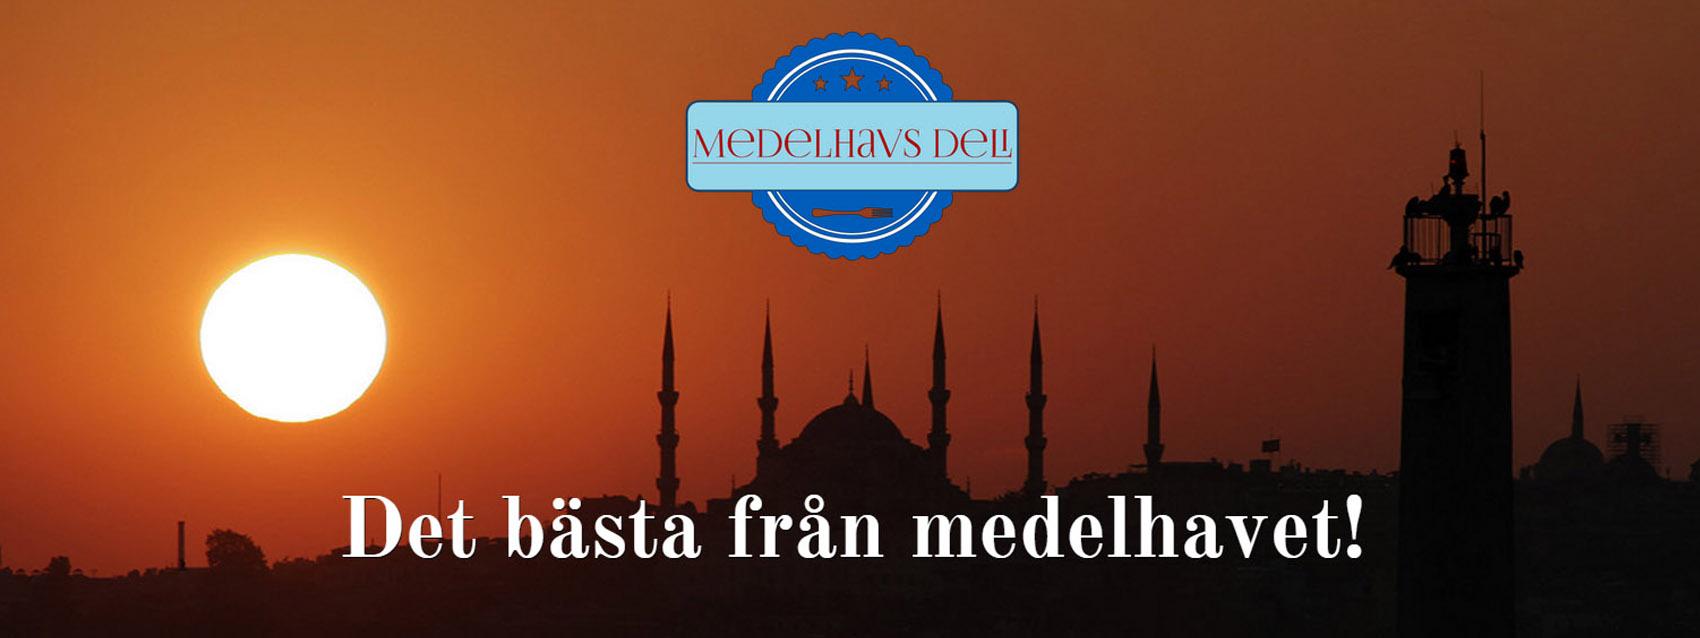 slides_00_Medelhavsdeli